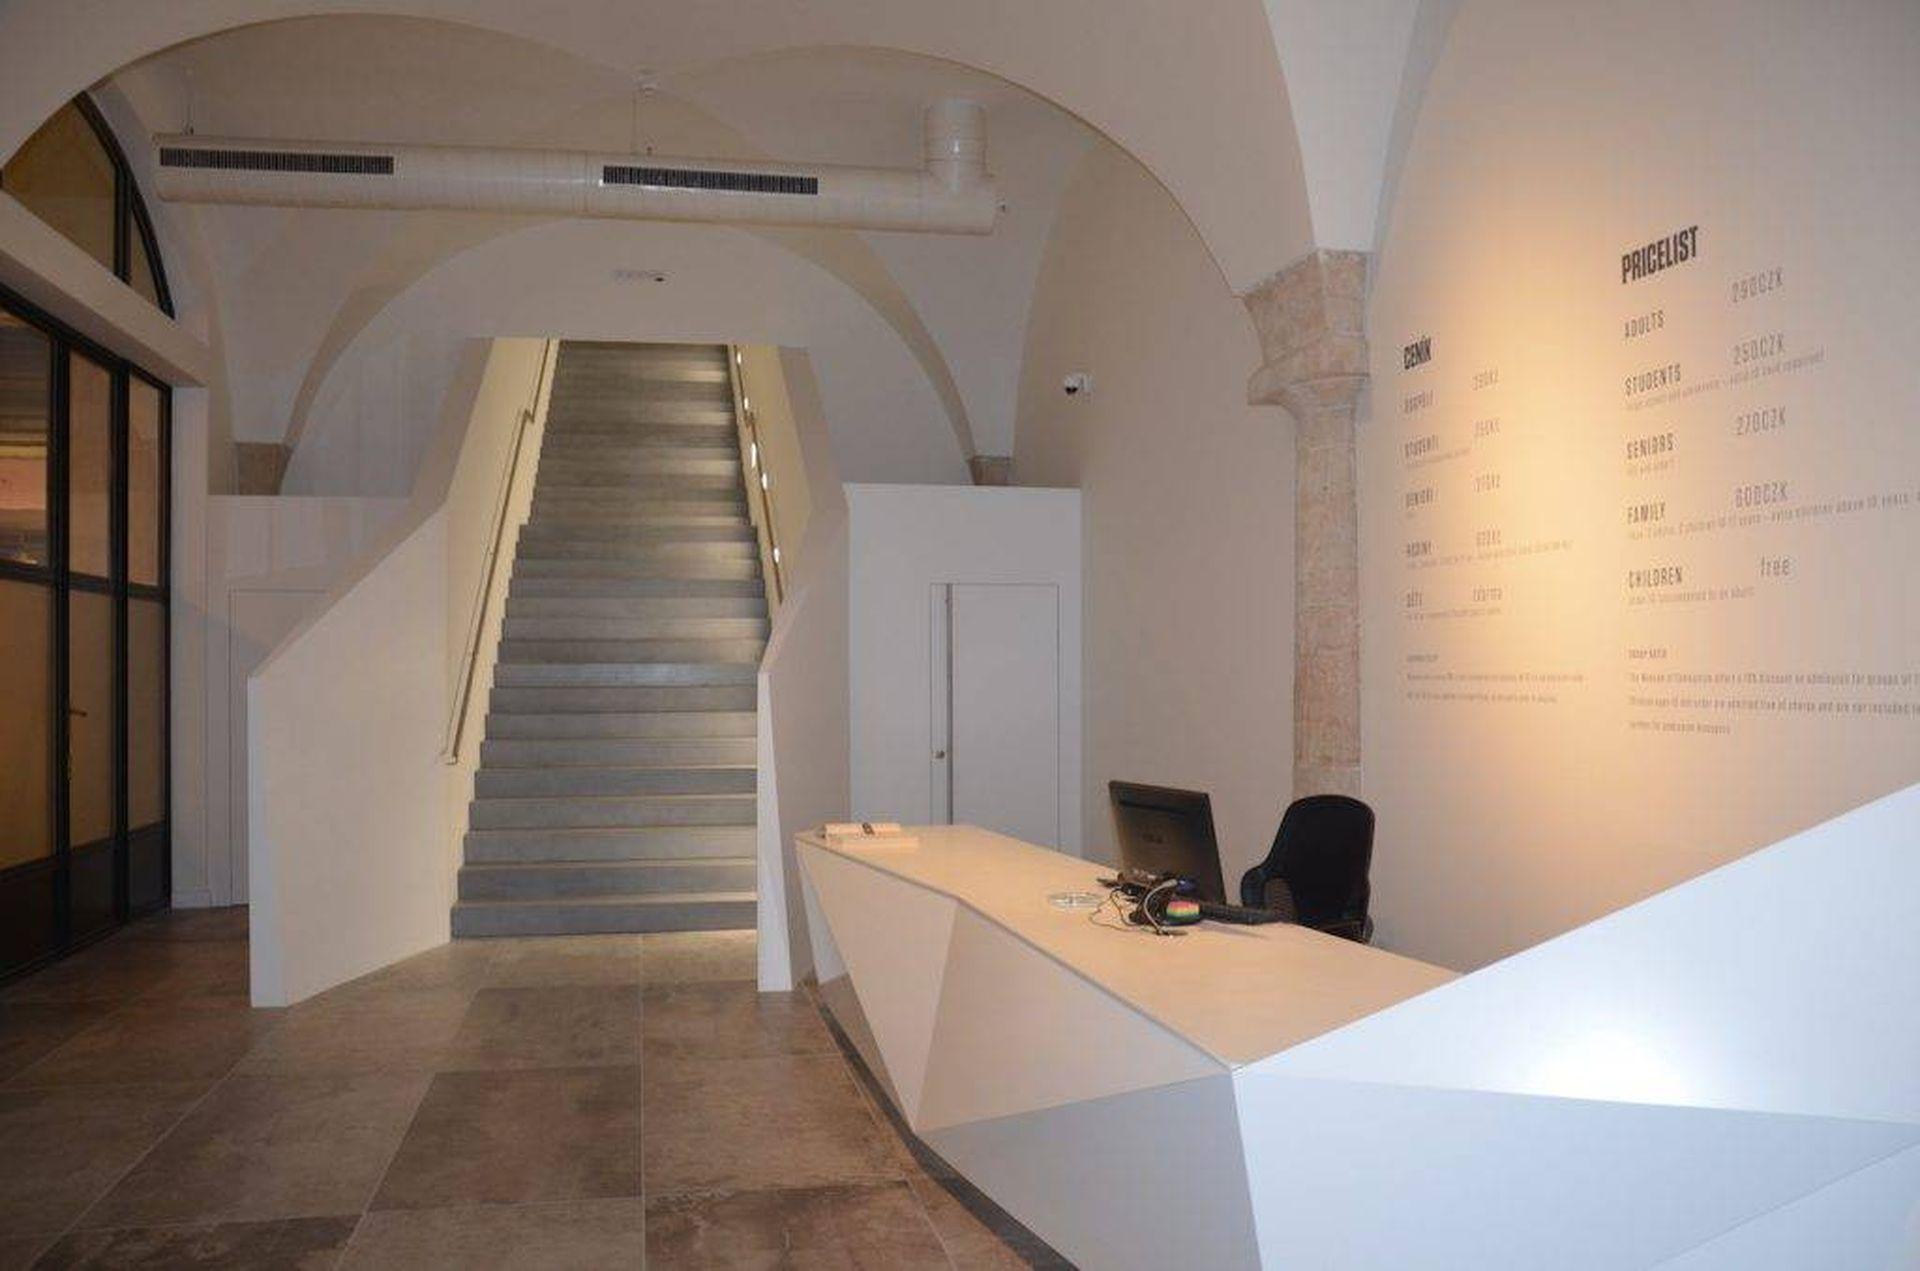 Escalier, Musée du communisme, Prague